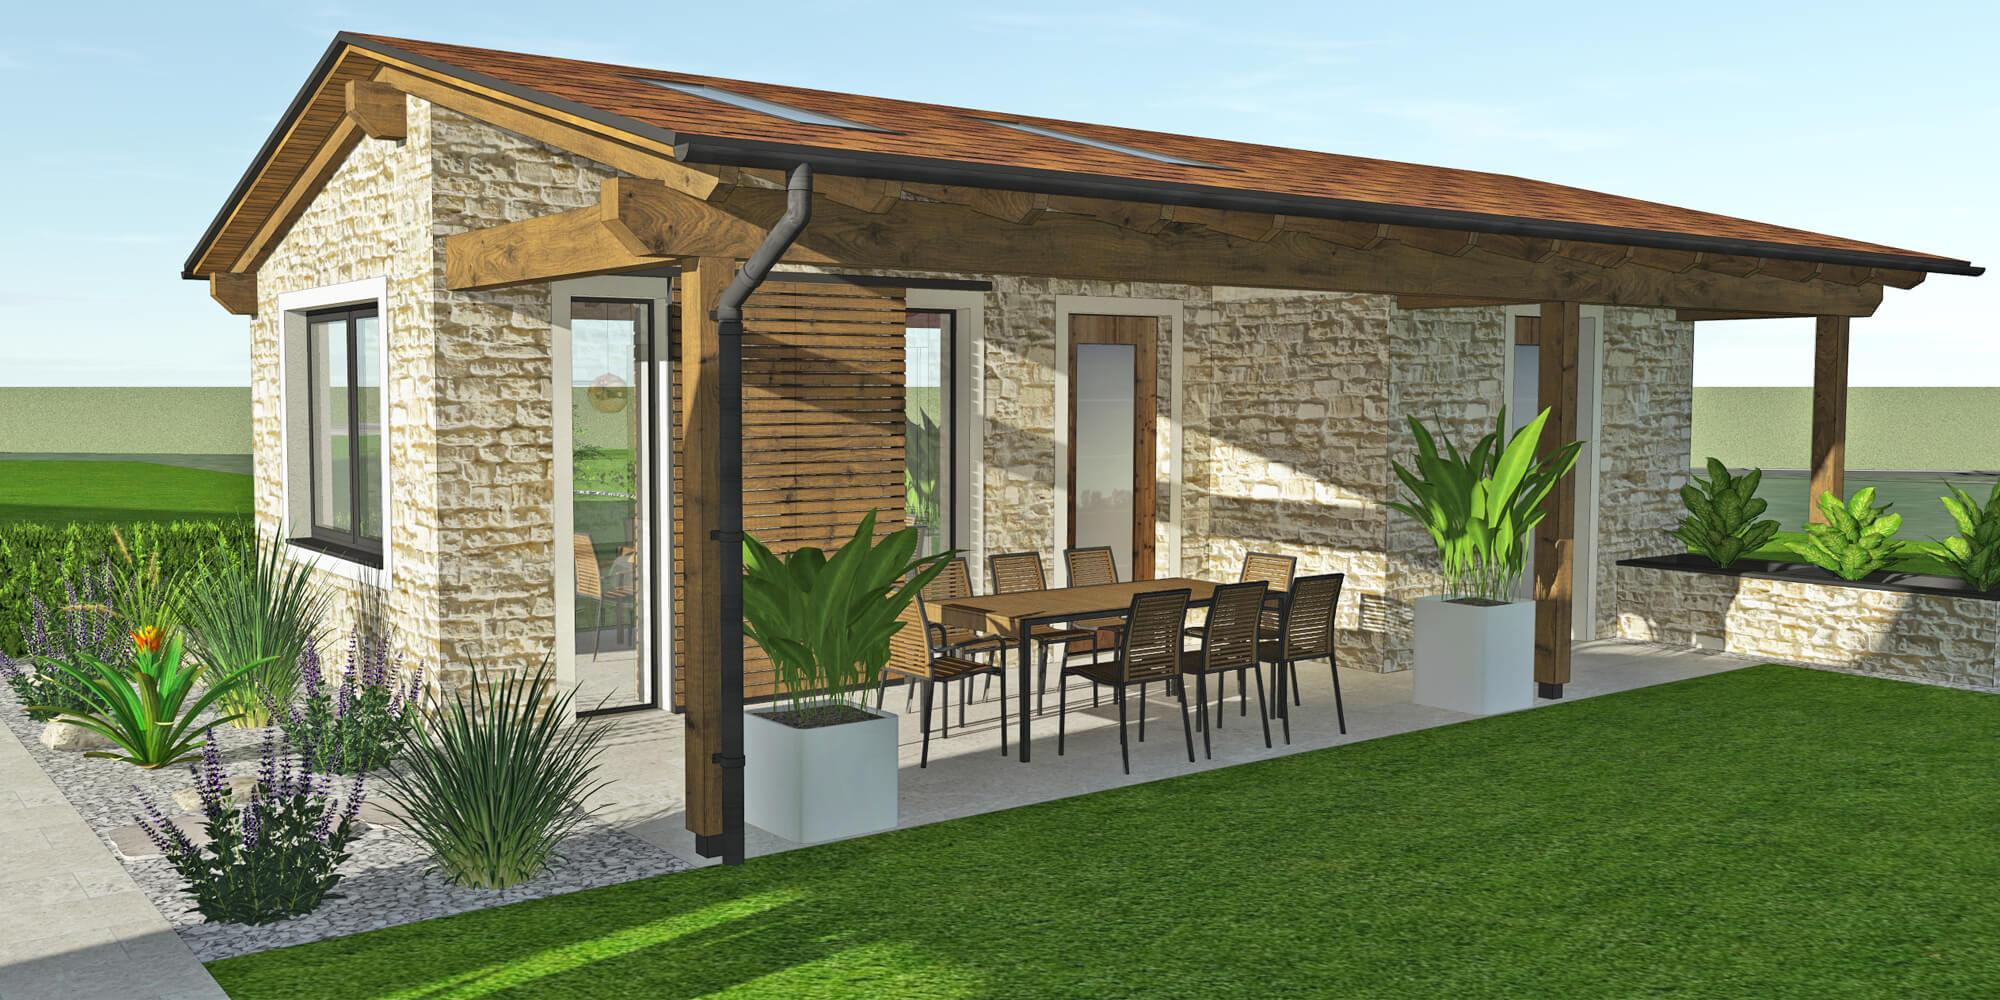 Cre-Plan-Design-Rauch-Frühmann-Architektur-Innenarchitektur-Design-Projekt-Referenz-Rund-ums-Haus-Poolhaus-4